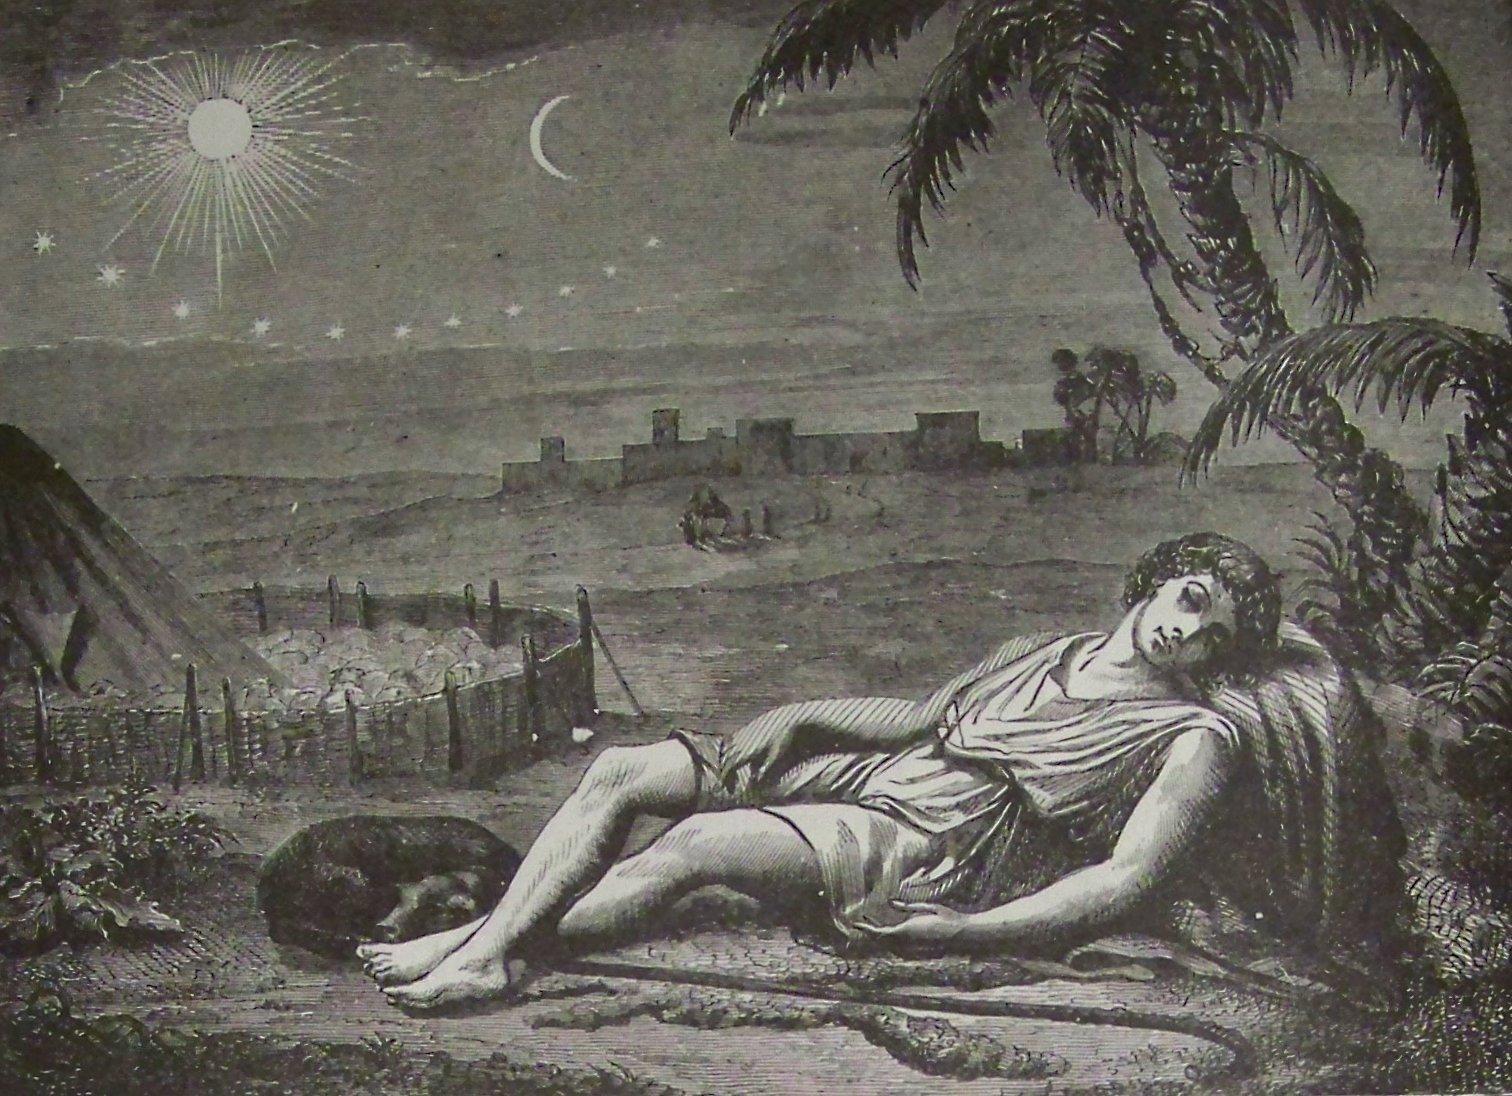 https://upload.wikimedia.org/wikipedia/commons/b/be/Holman_Josephs_Dream.jpg